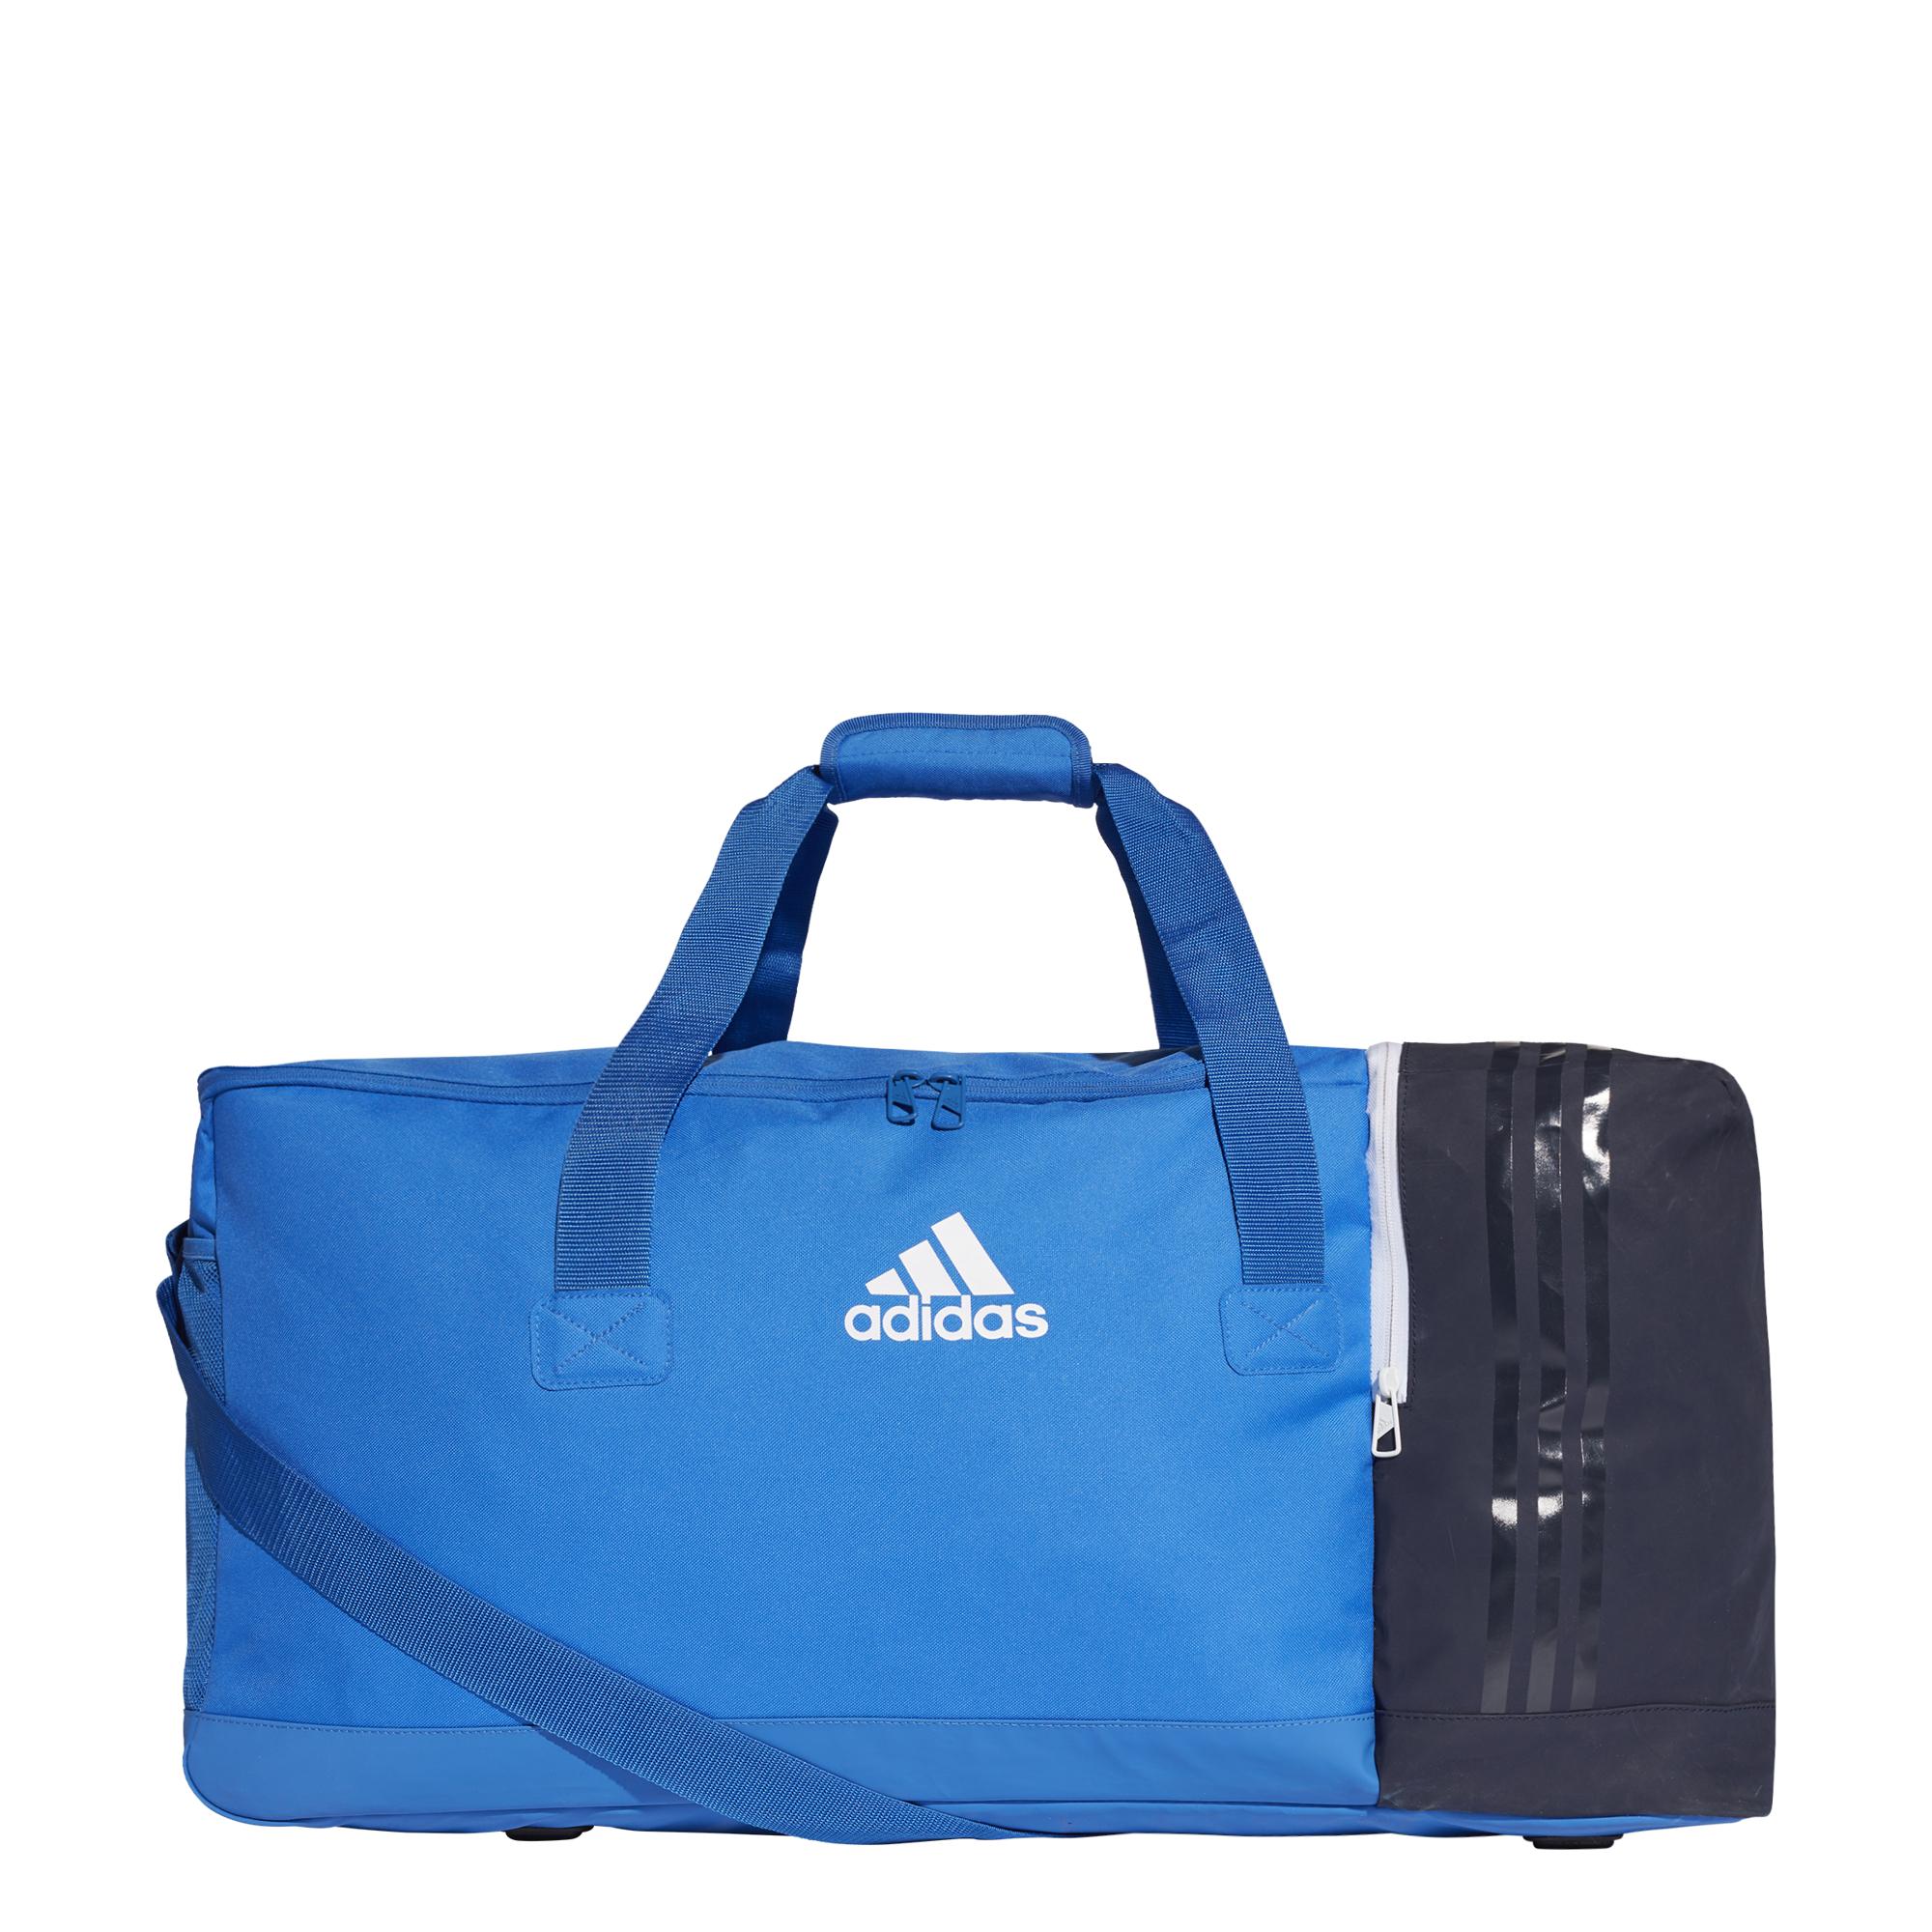 15x Adidas Tiro Teambag Large Sporttasche Mit Schuhfach